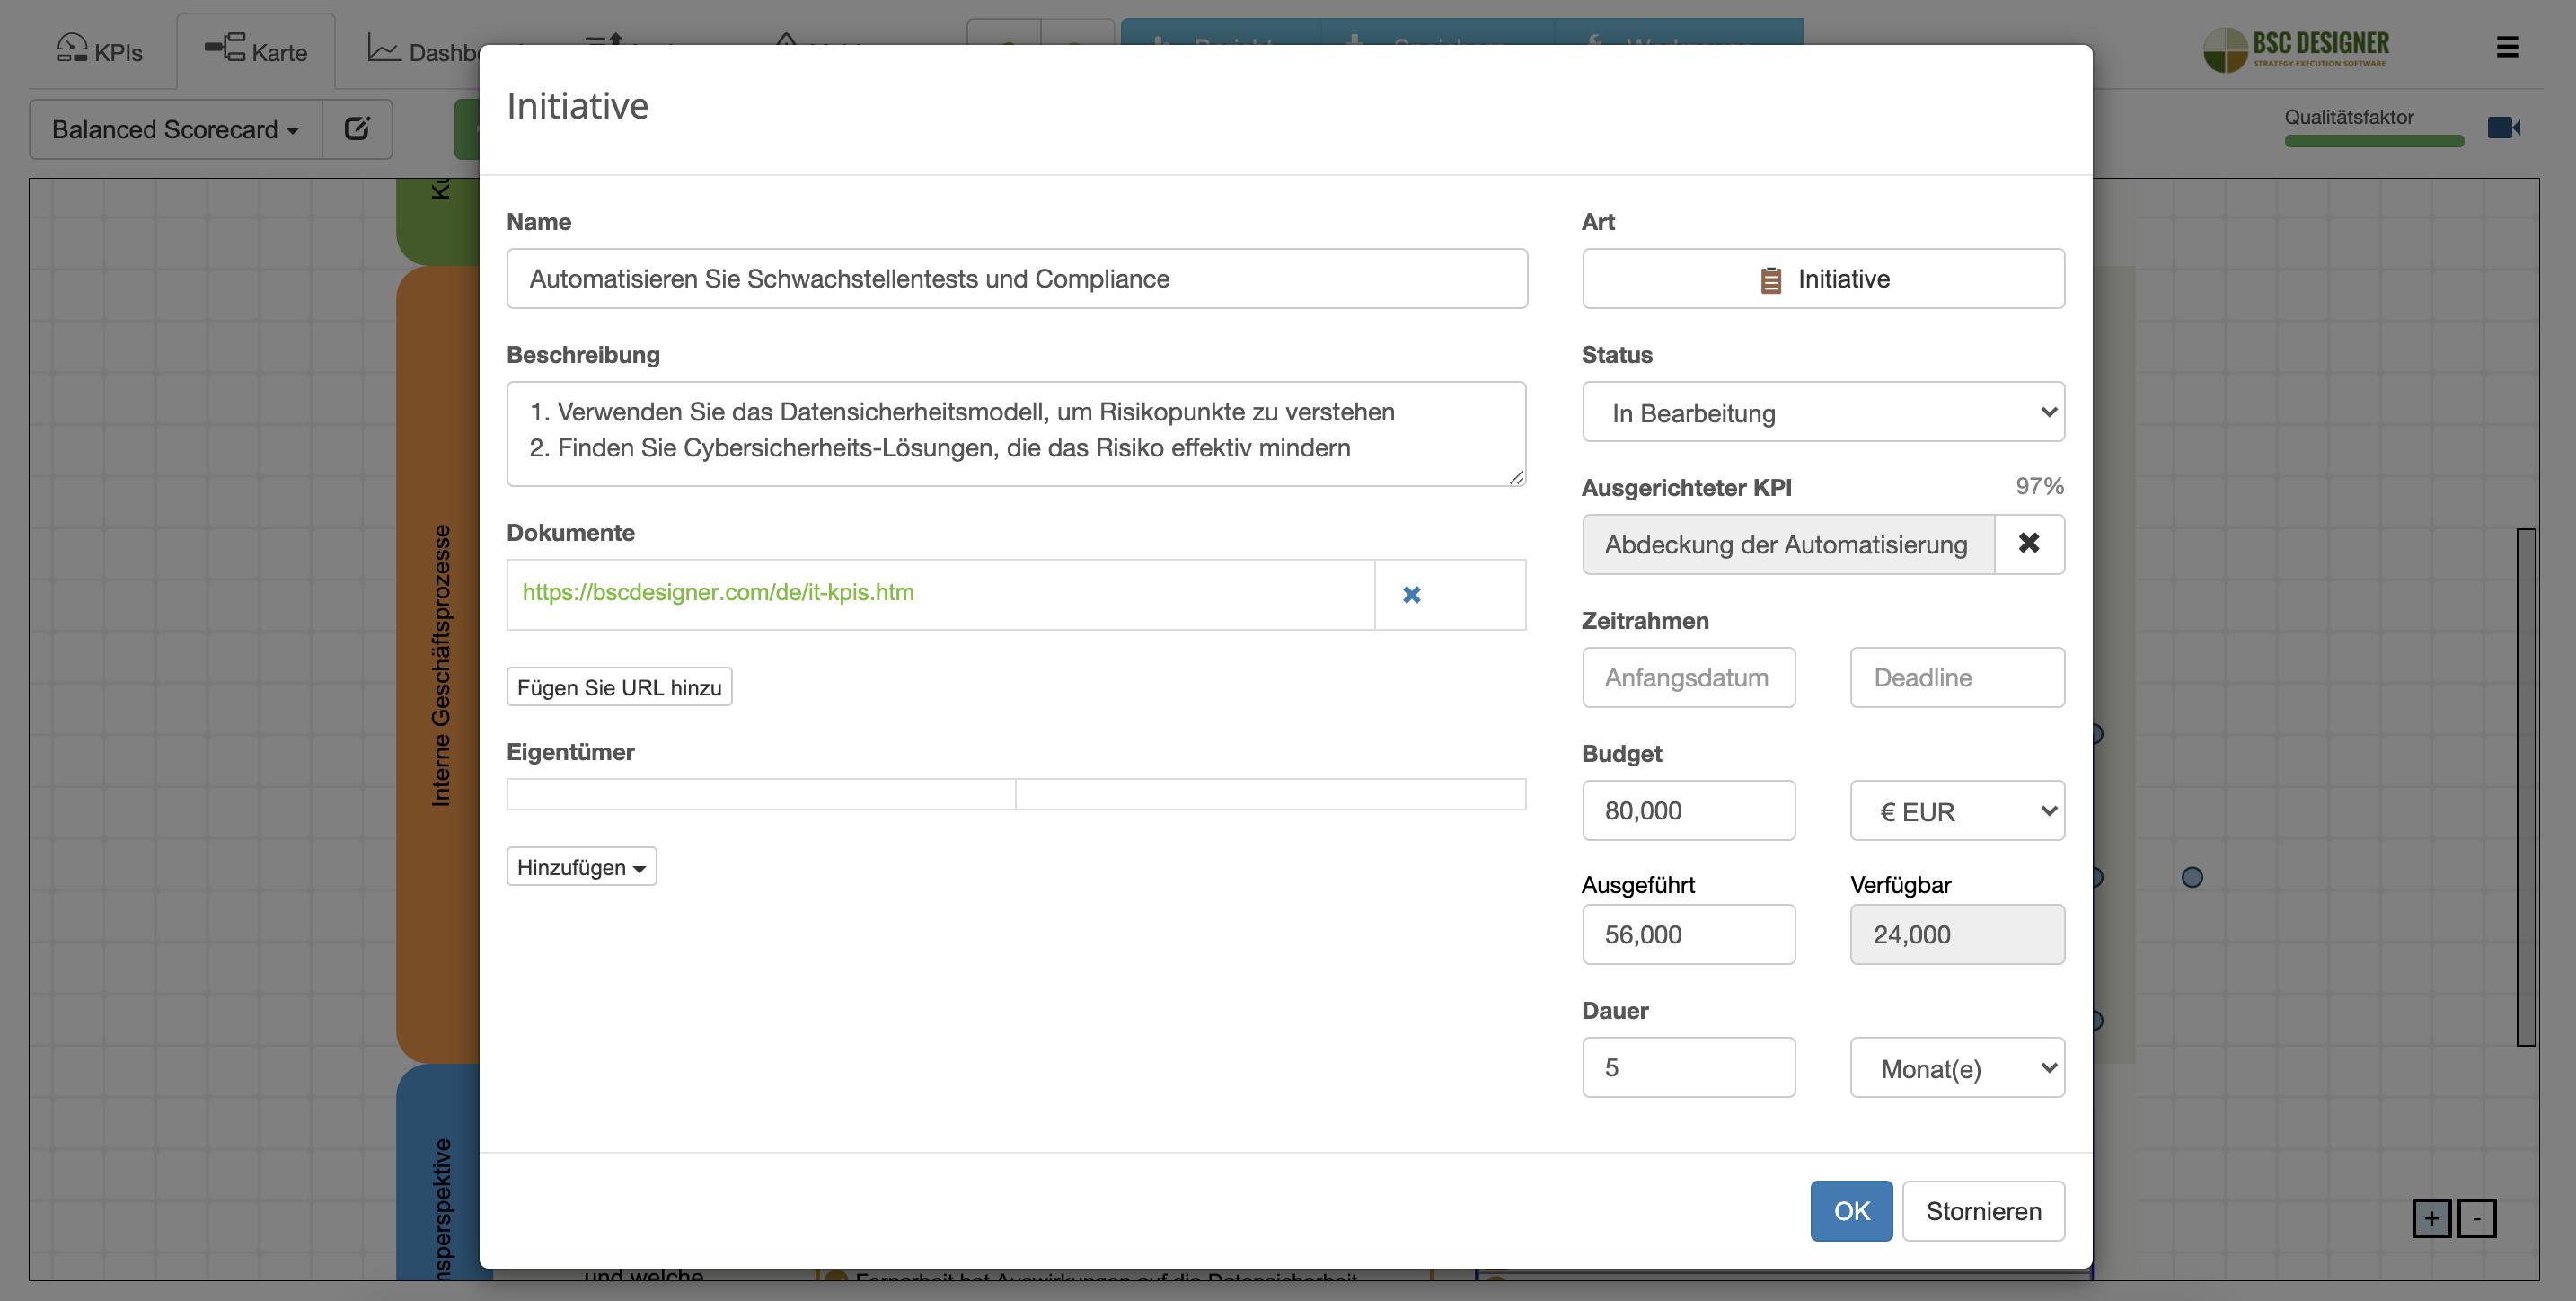 Ein Beispiel für eine Initiative - Testen automatisieren